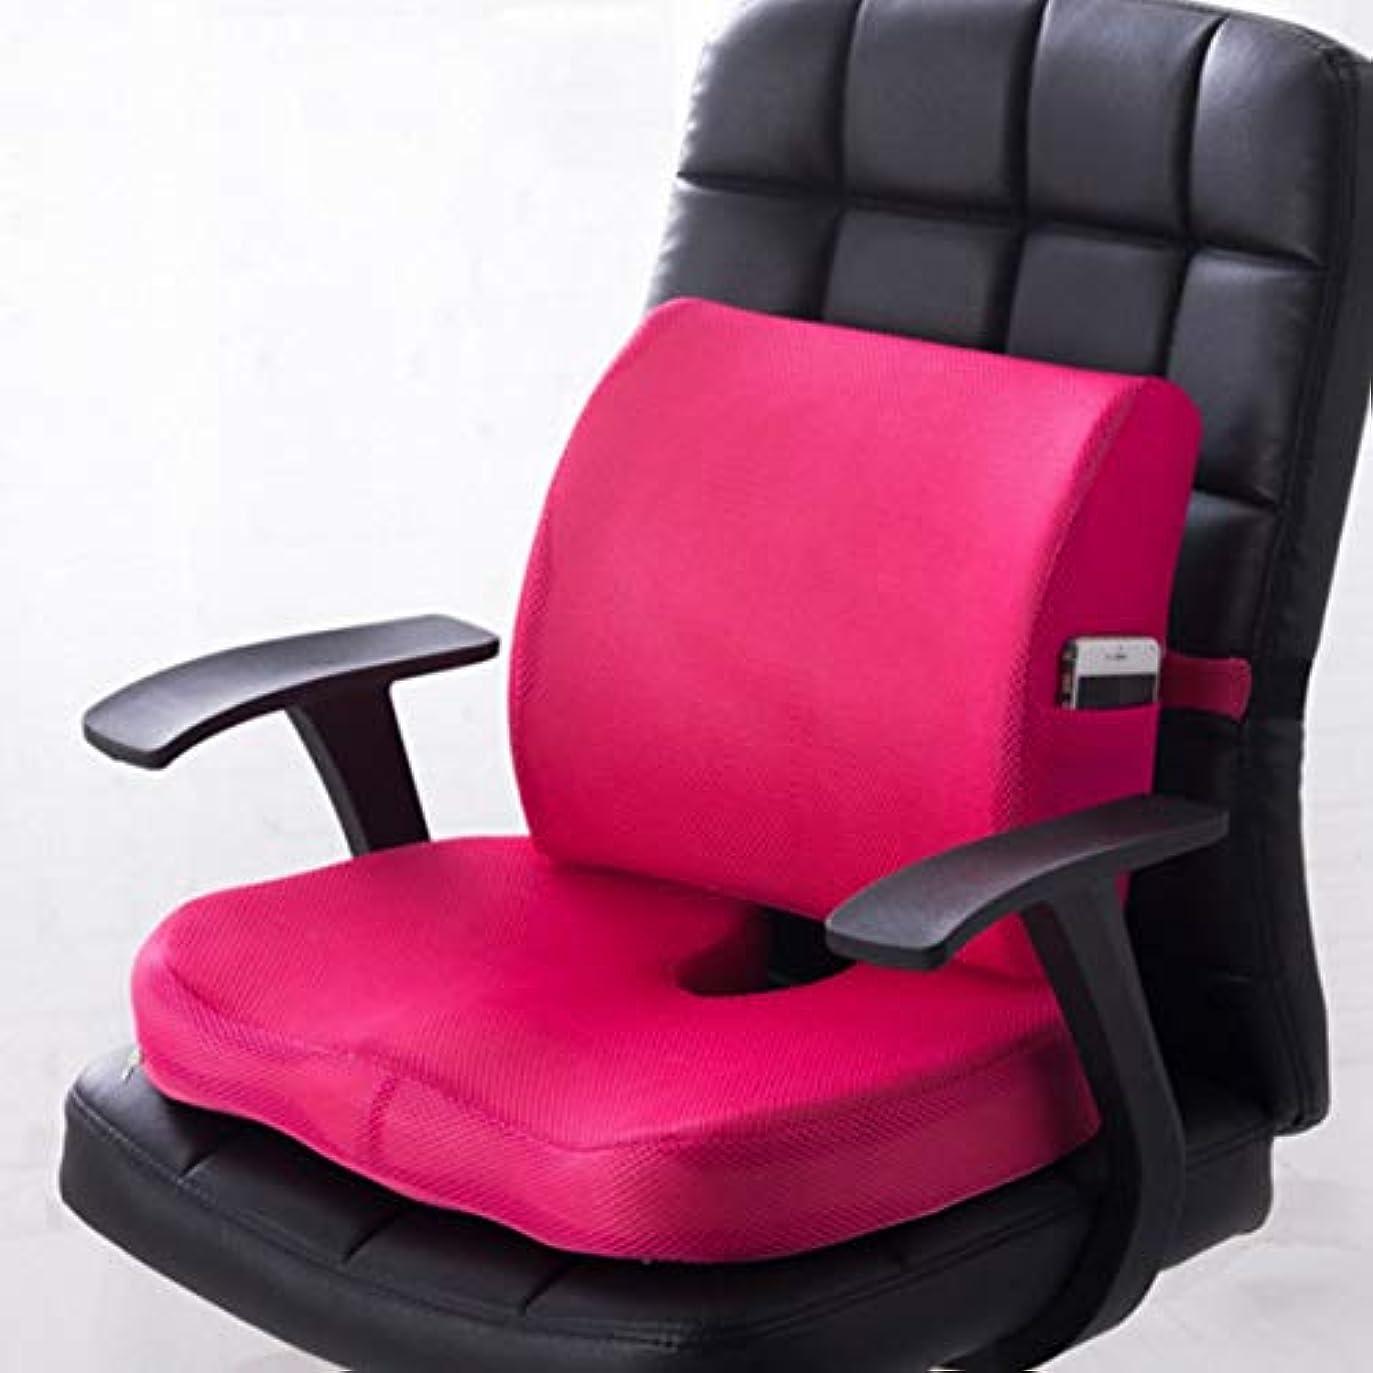 フライカイト緯度オーナメントIntercorey快適な低反発腰椎バックピローサポートバッククッションホームオフィスカーシートクッションセット